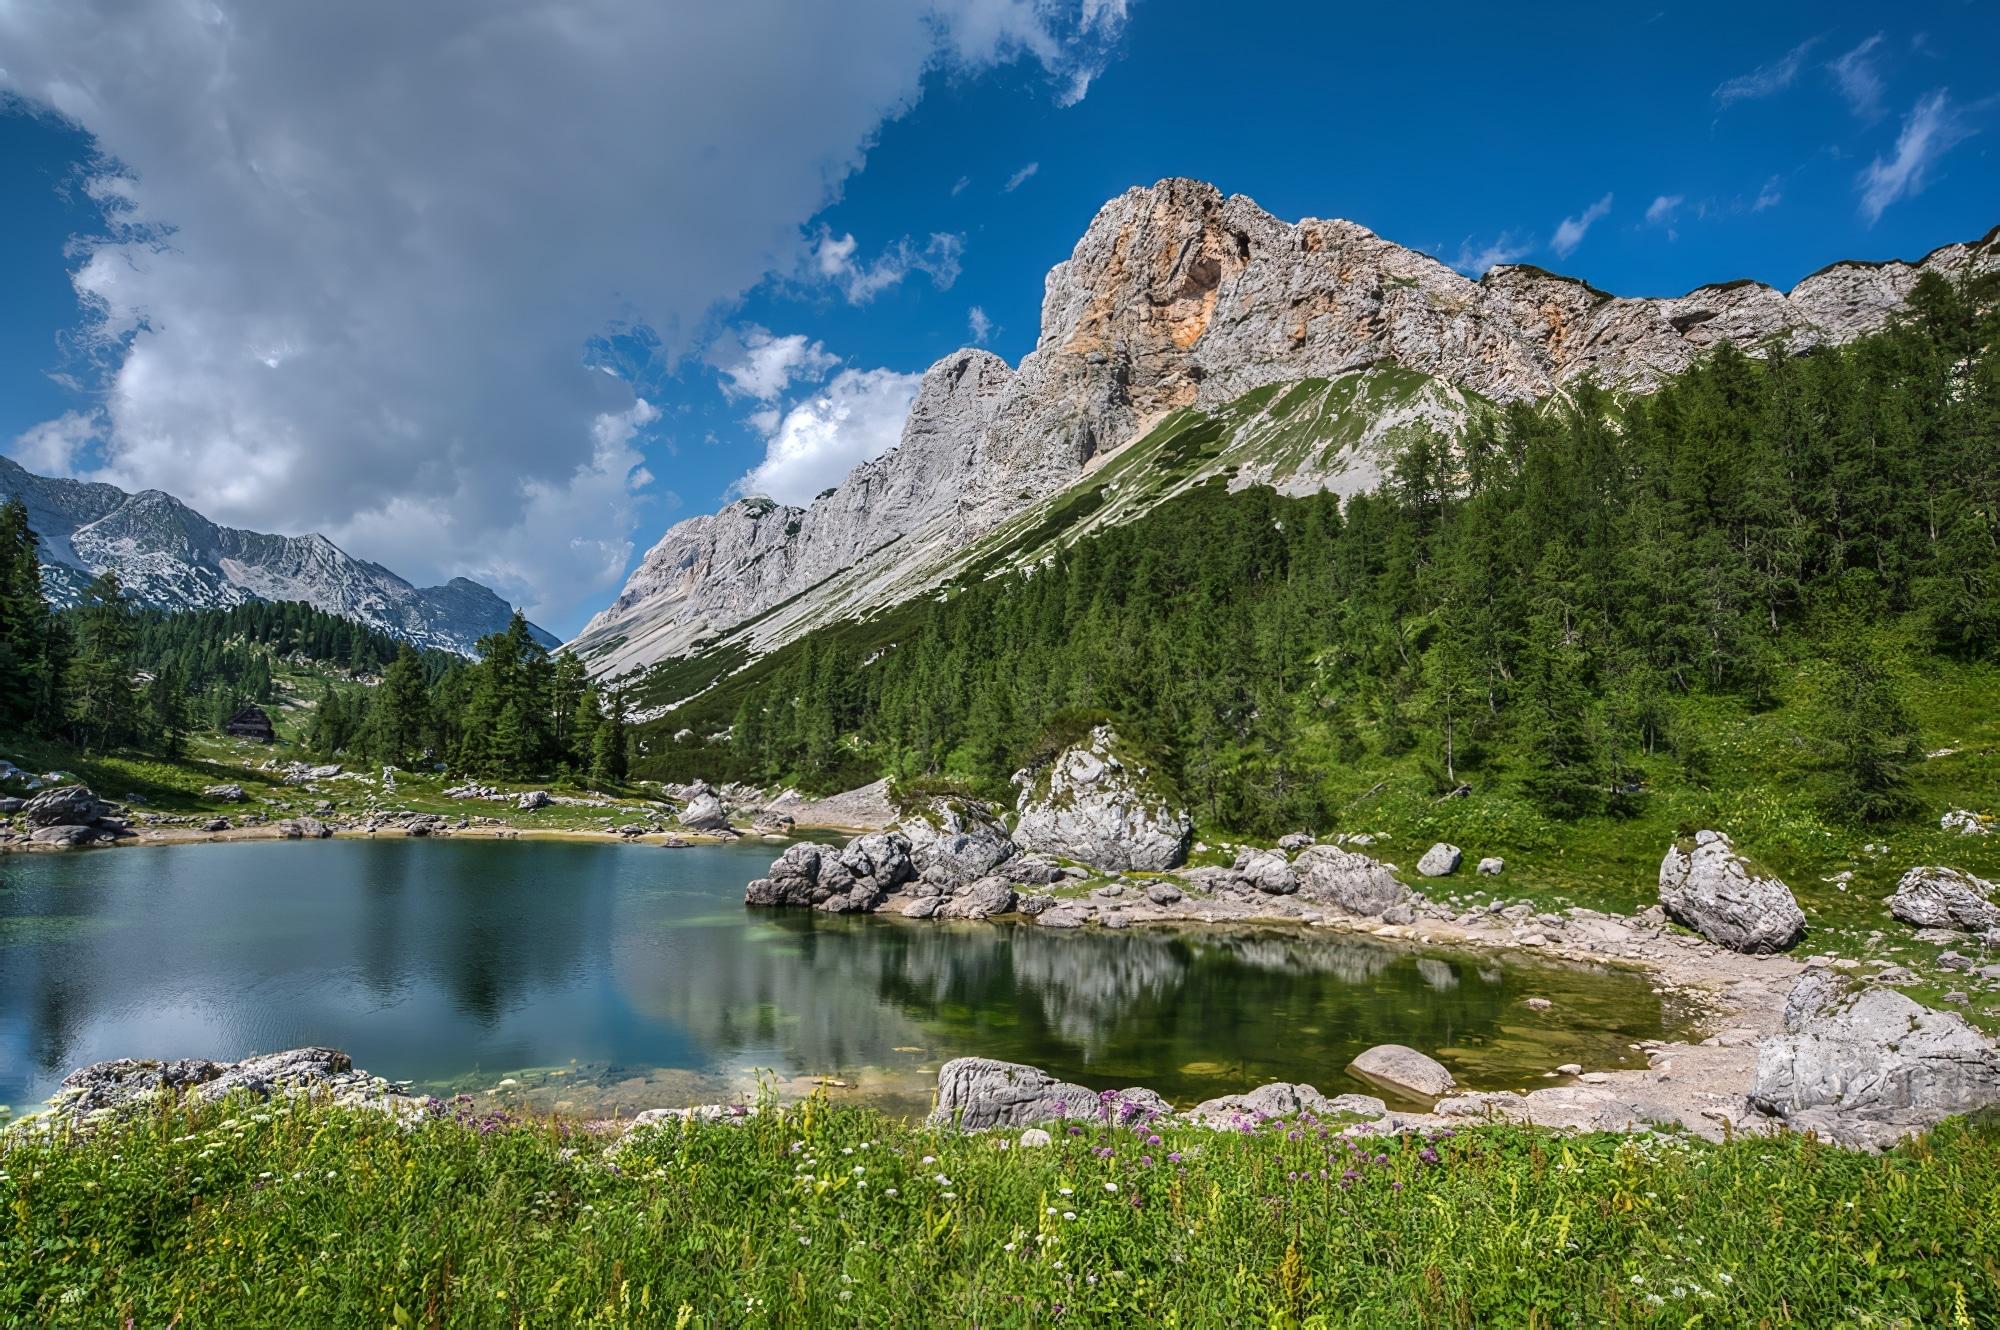 Lac de Triglavska Sedmera jezera Dans le parc national de Triglav